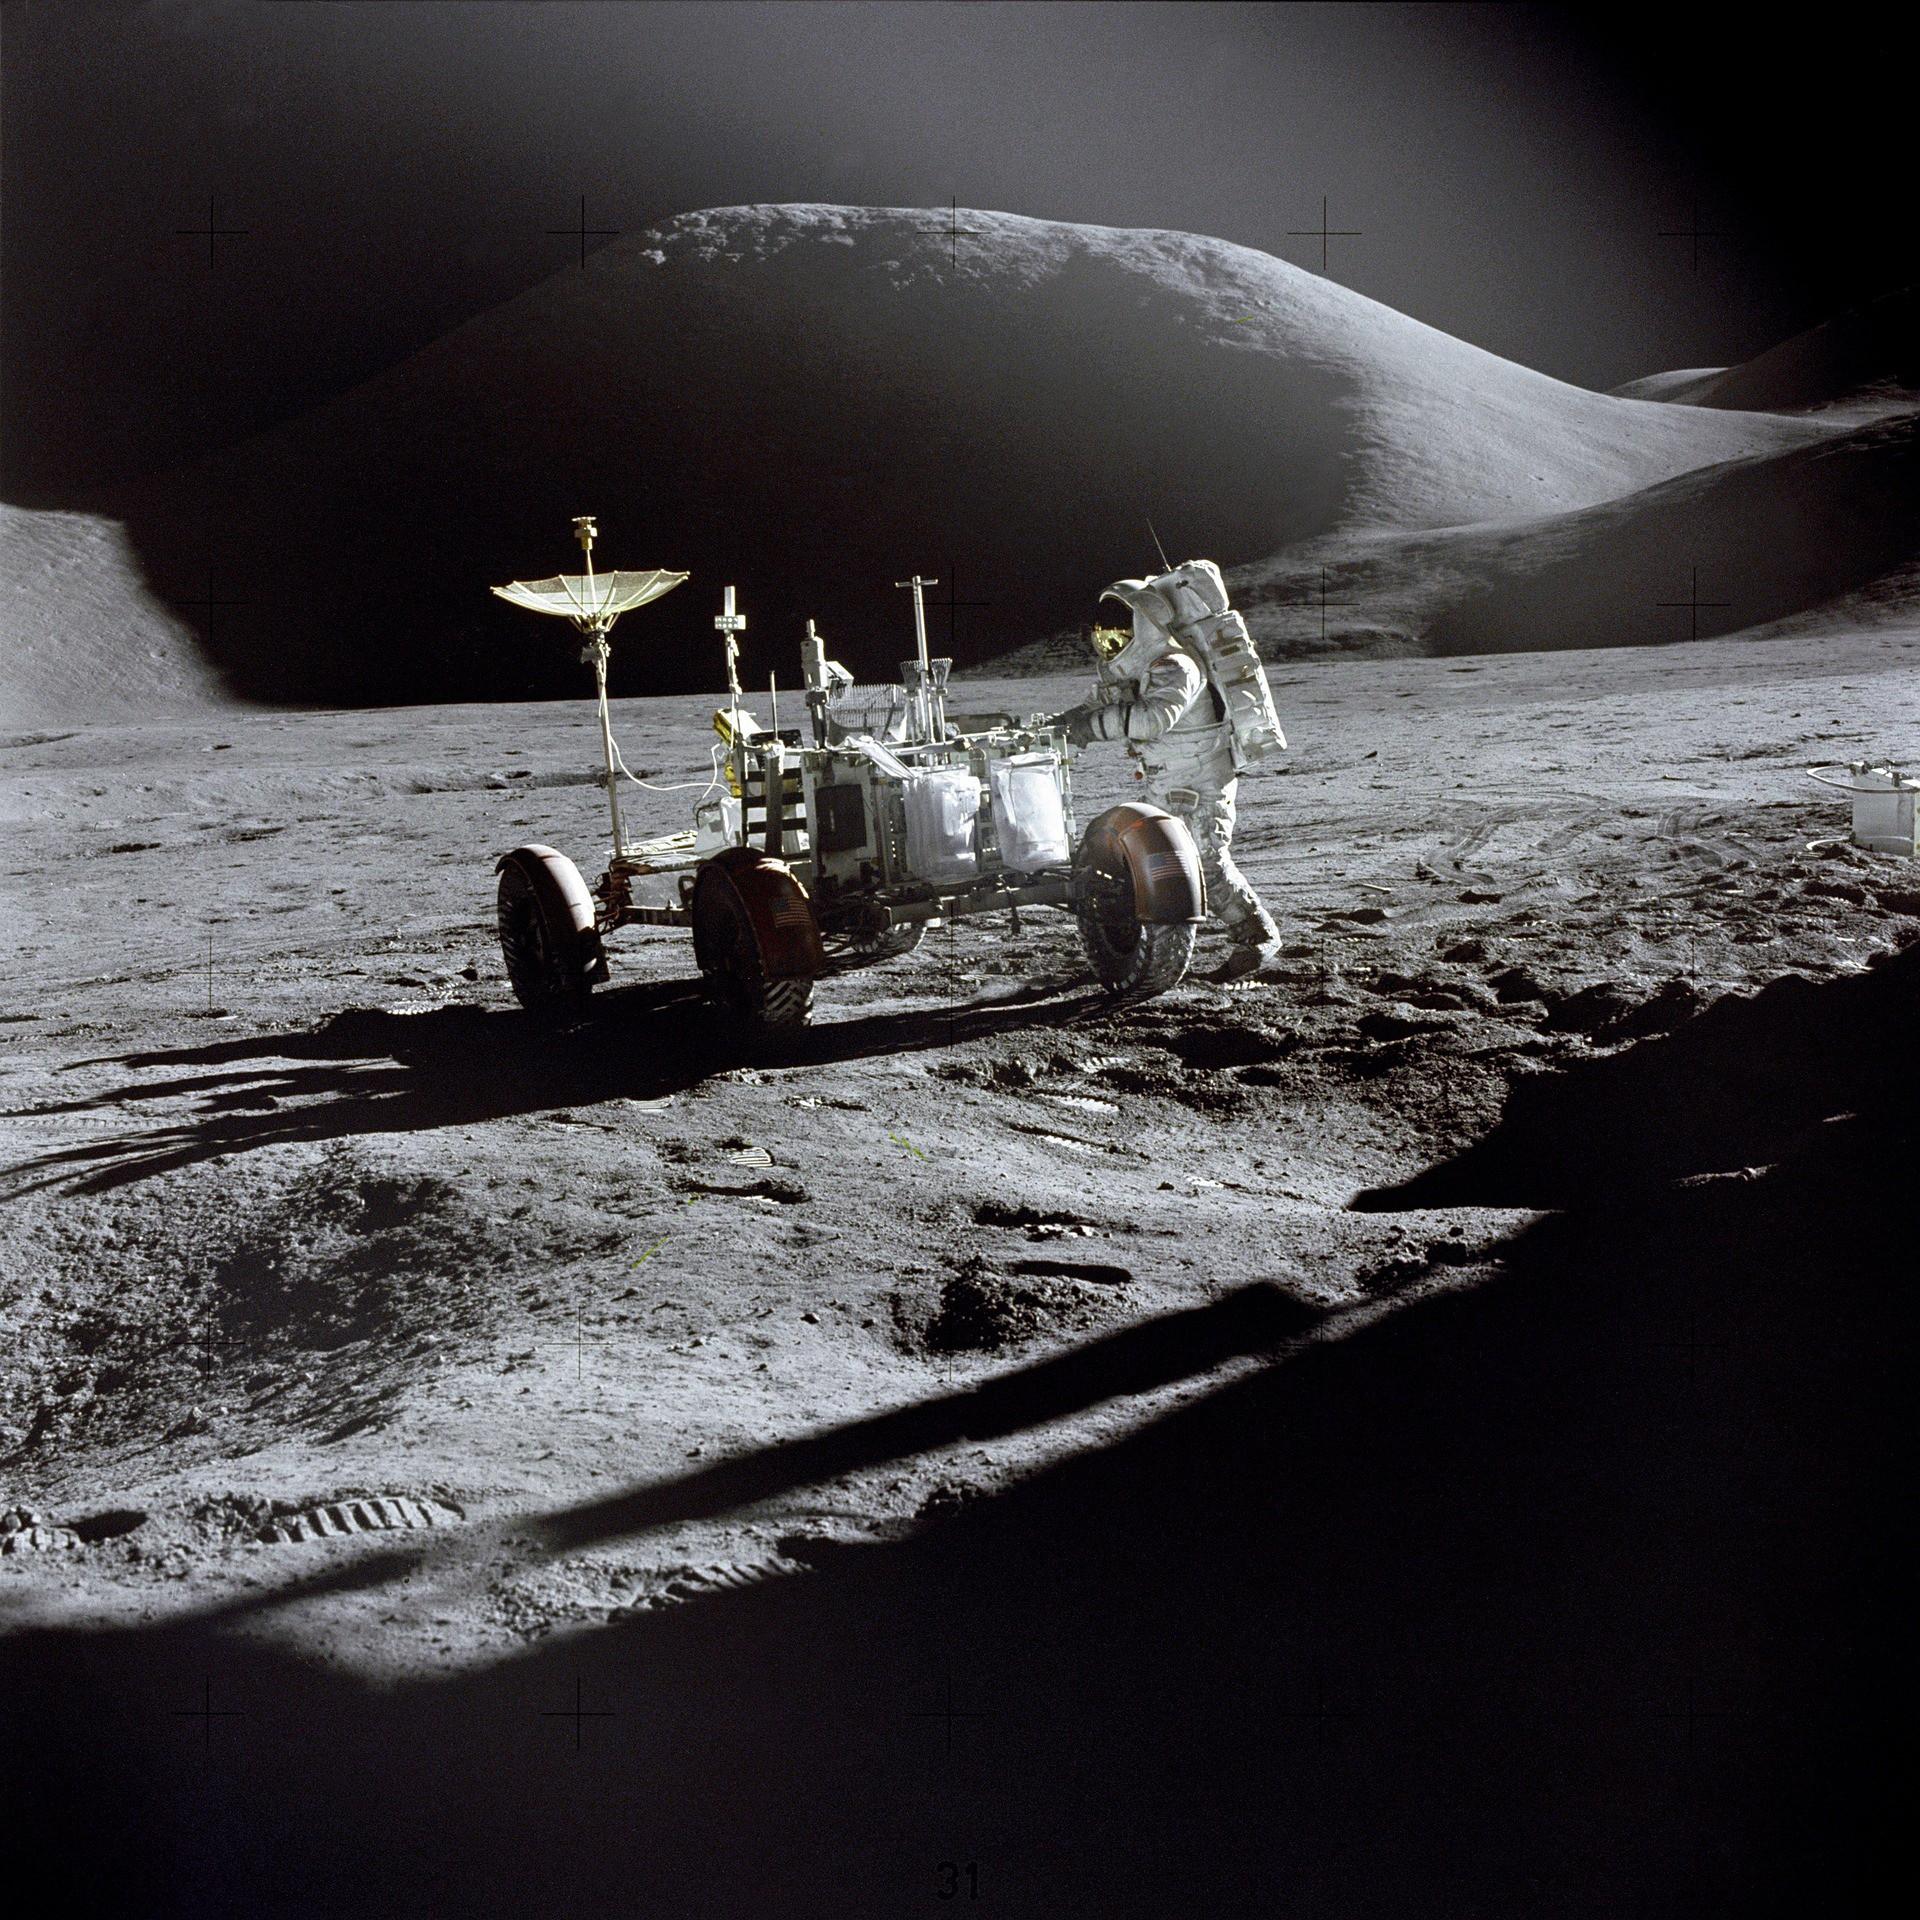 rover cina mesiac odvratena strana misia naslednik